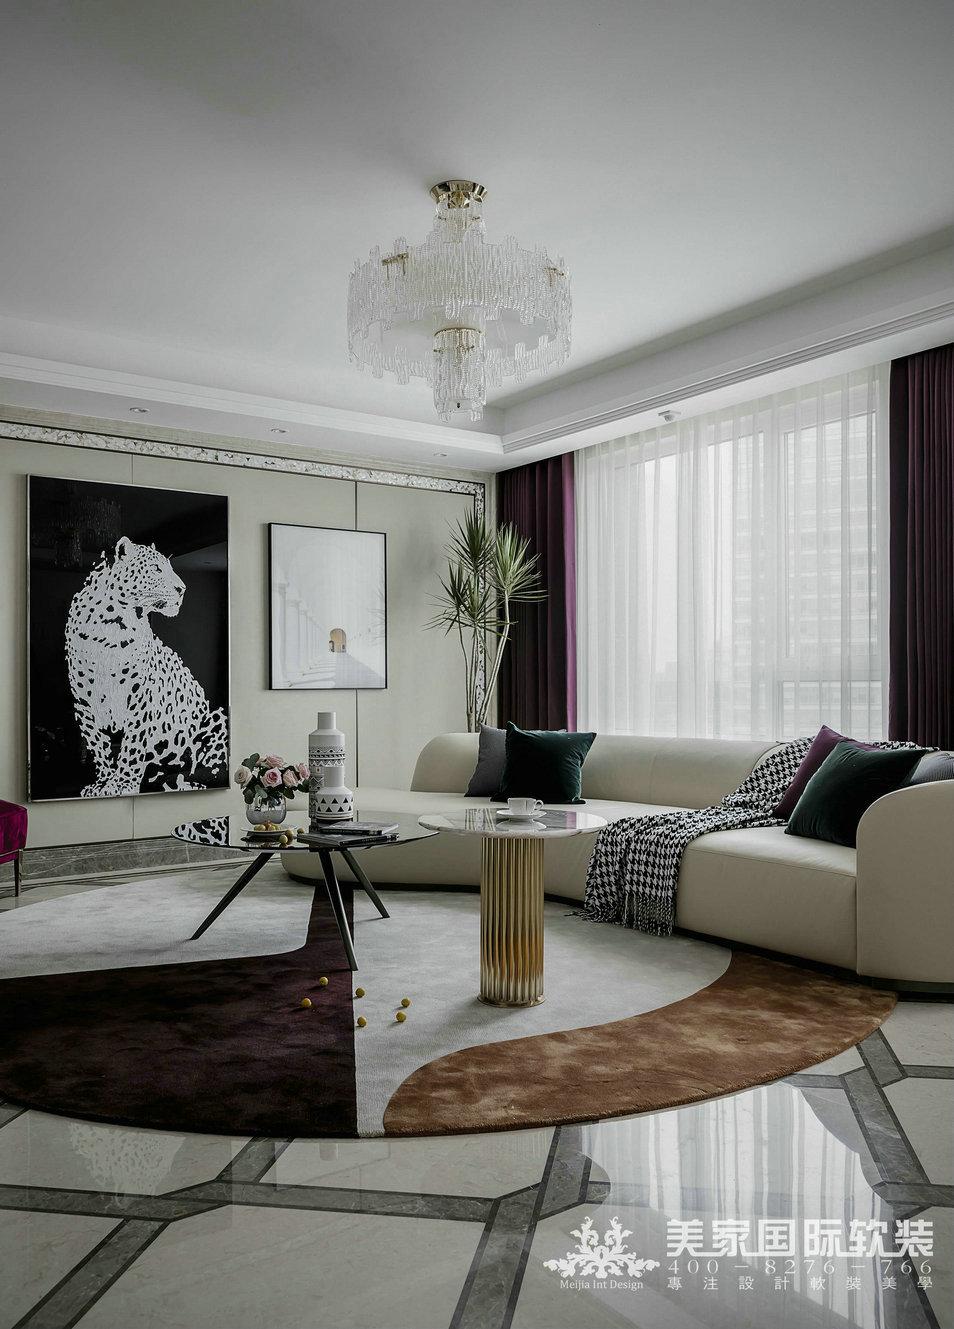 濱江金茂府軟裝修設計案例——新奢風格客廳實景圖片